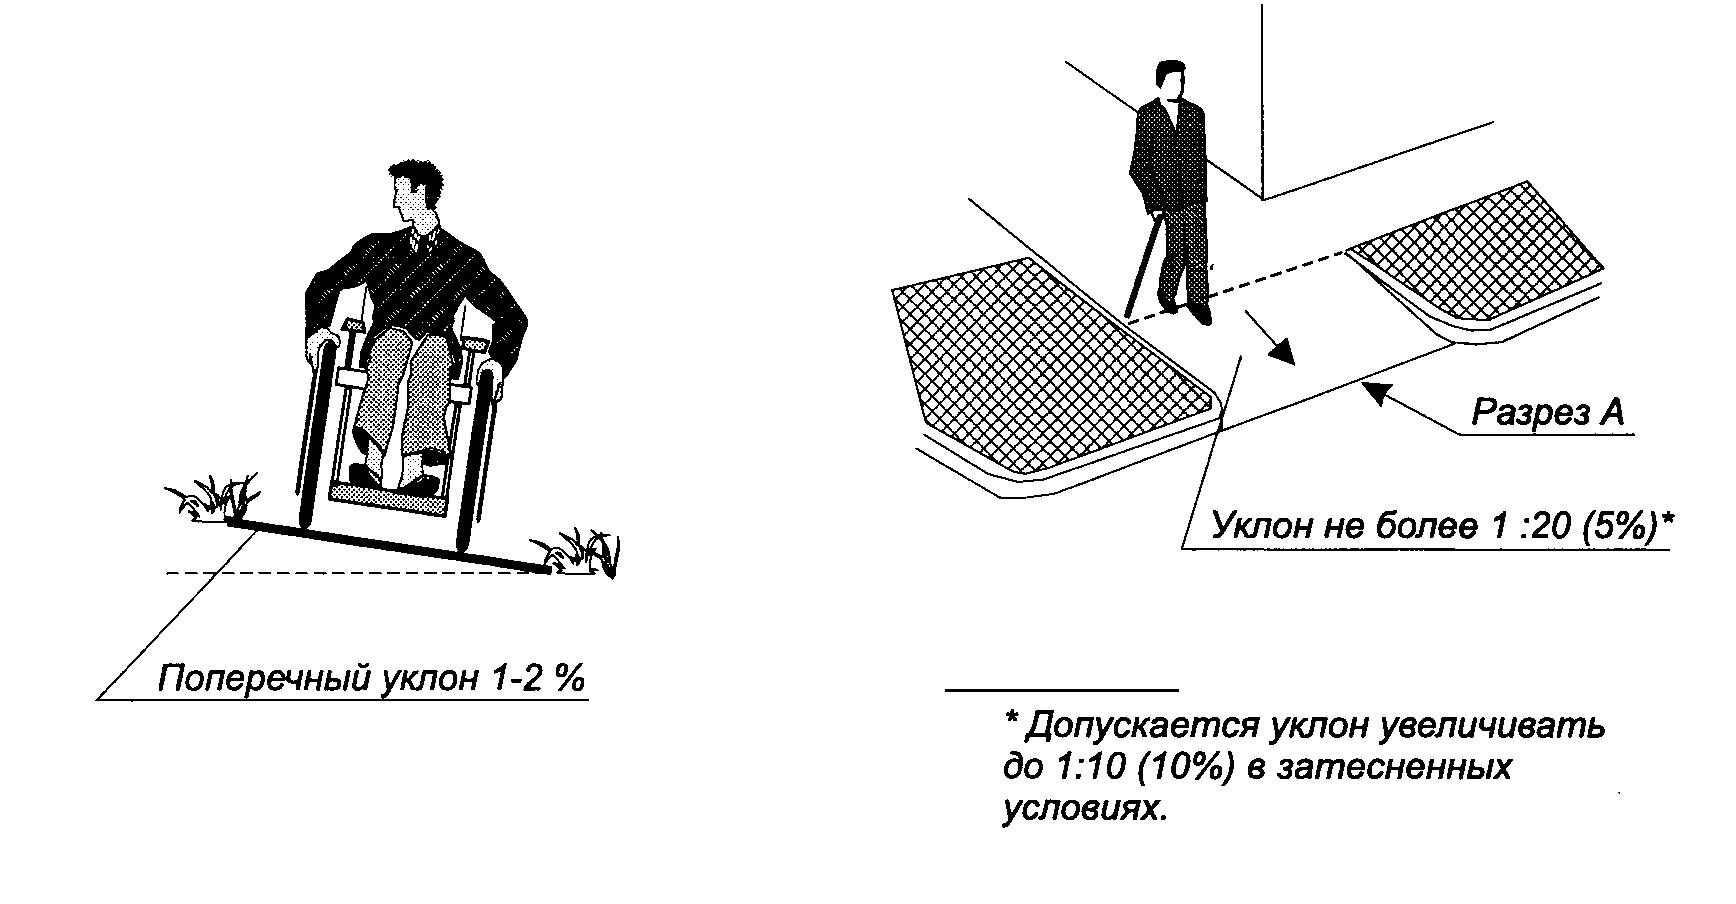 Корректные размеры пандусов для инвалидов